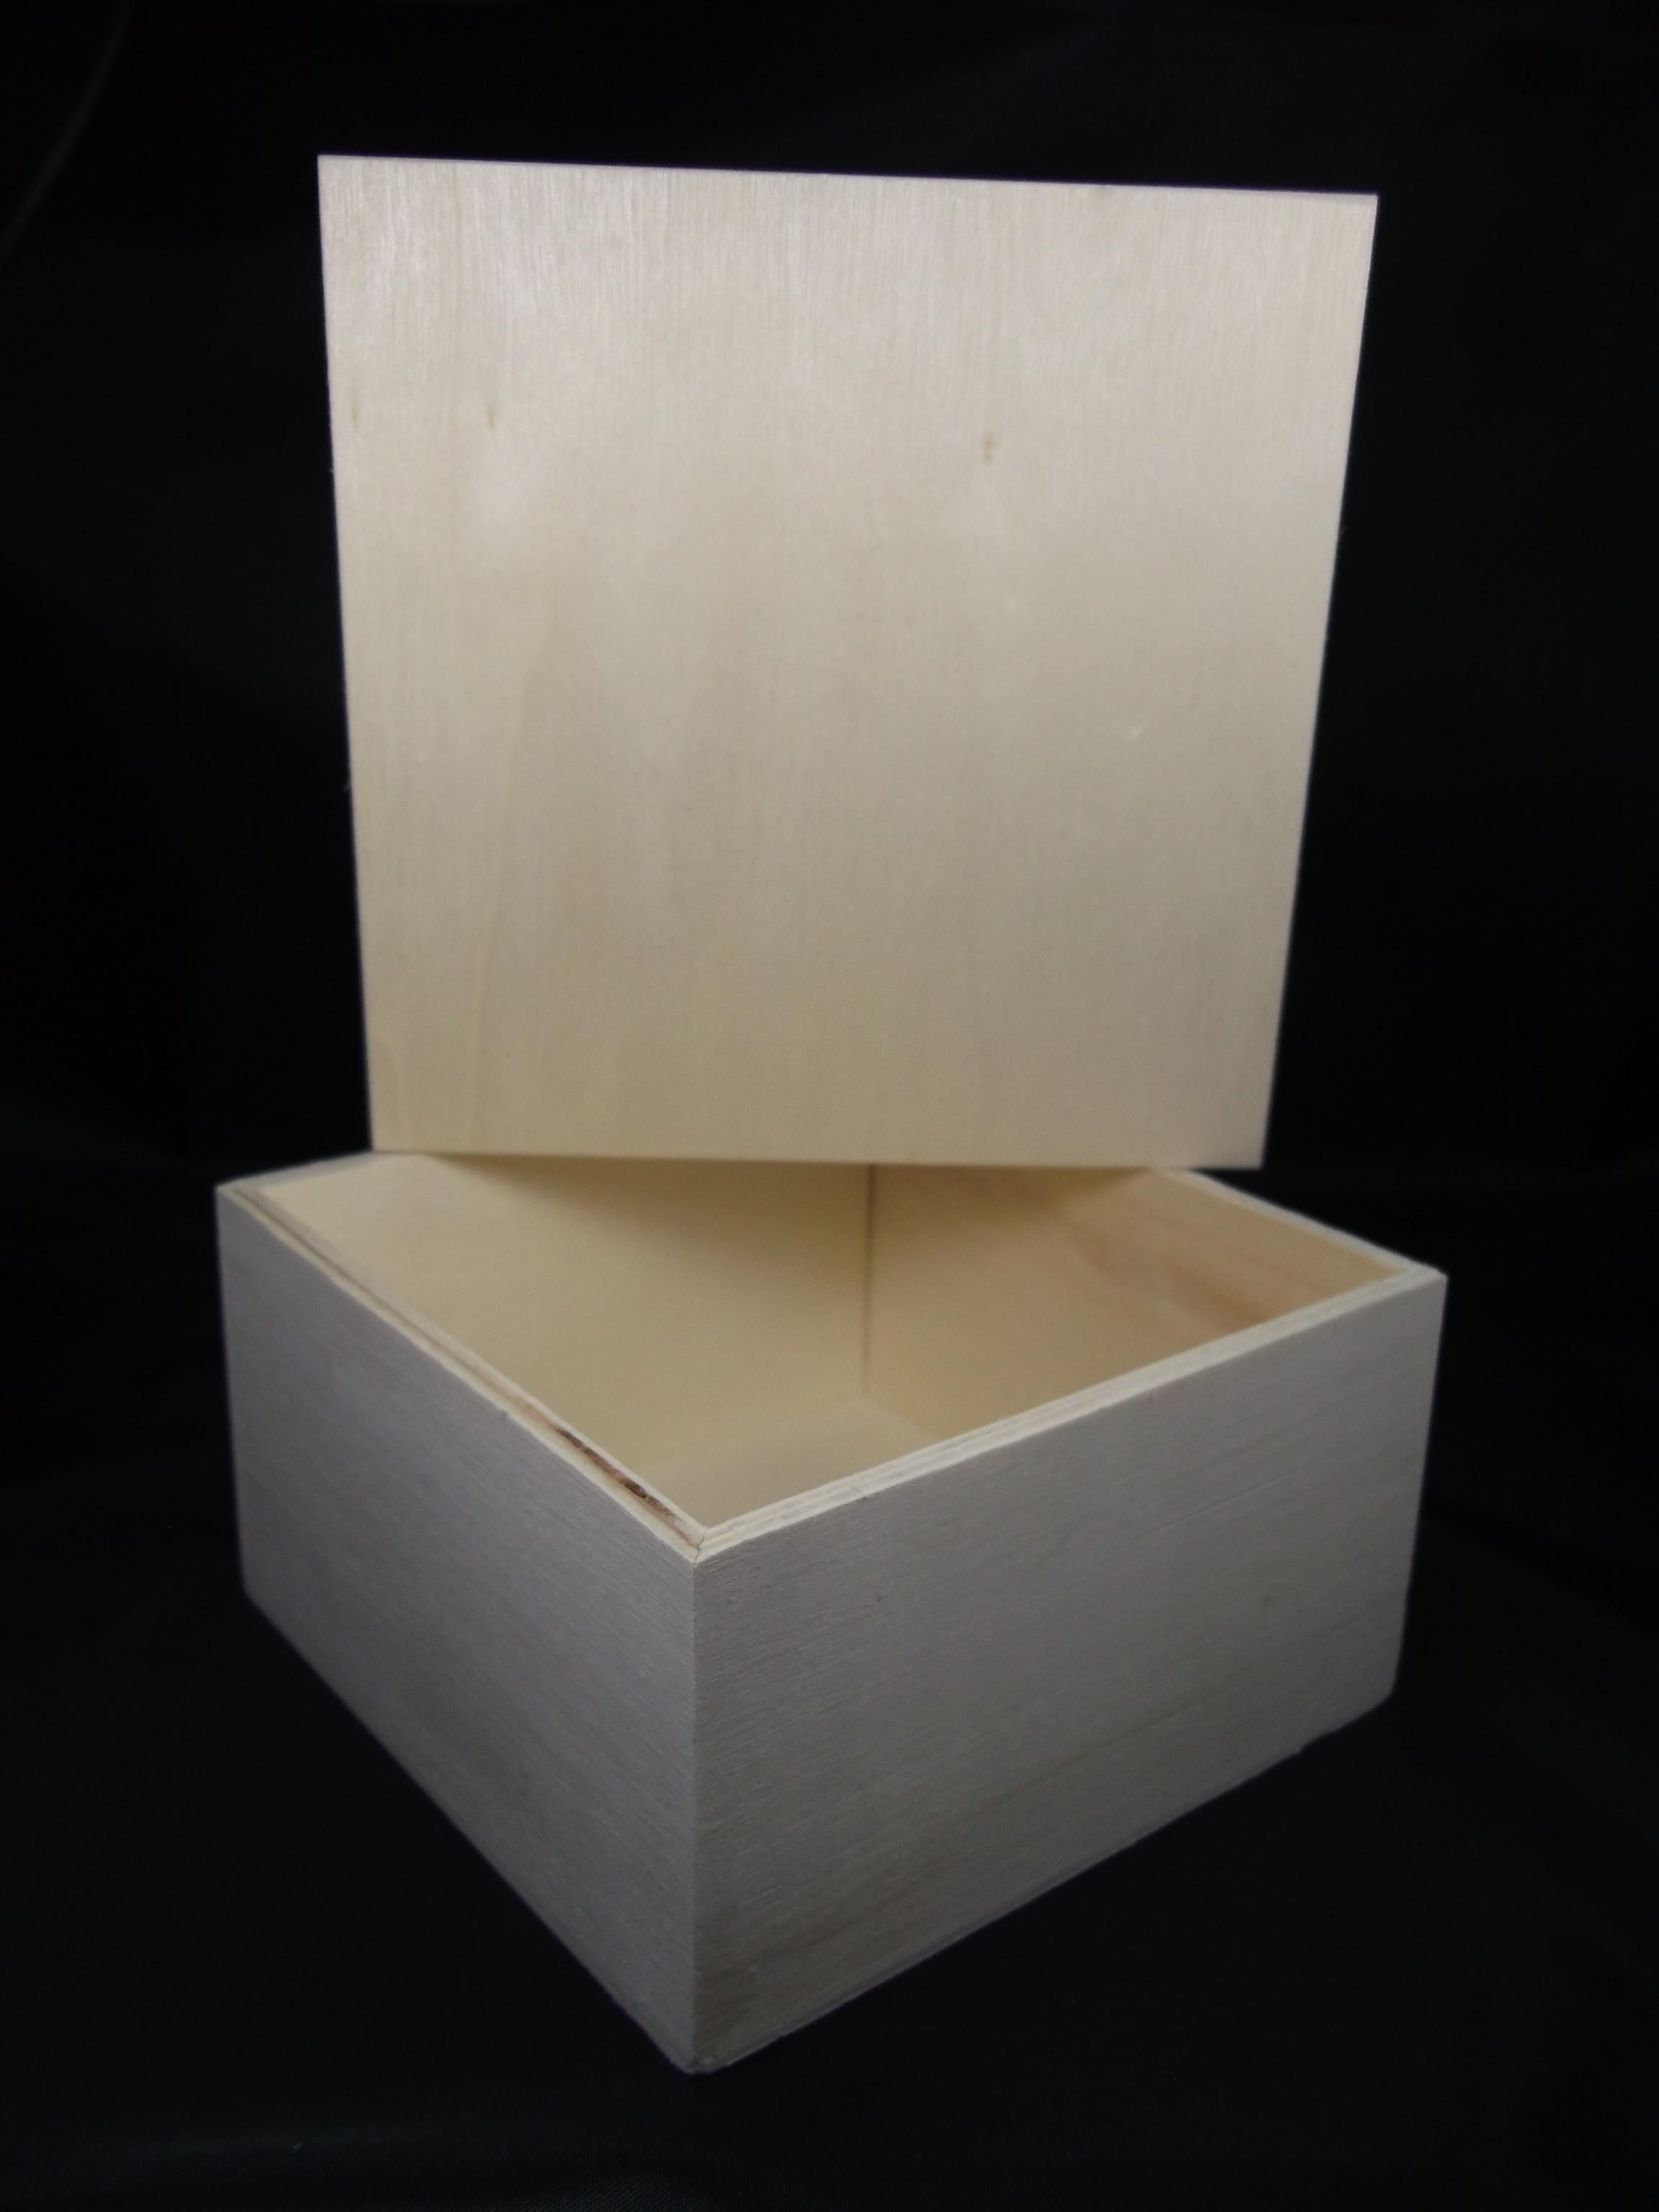 les ateliers cr atifs d 39 annie tuto sur la d coration d une bo te en bois. Black Bedroom Furniture Sets. Home Design Ideas